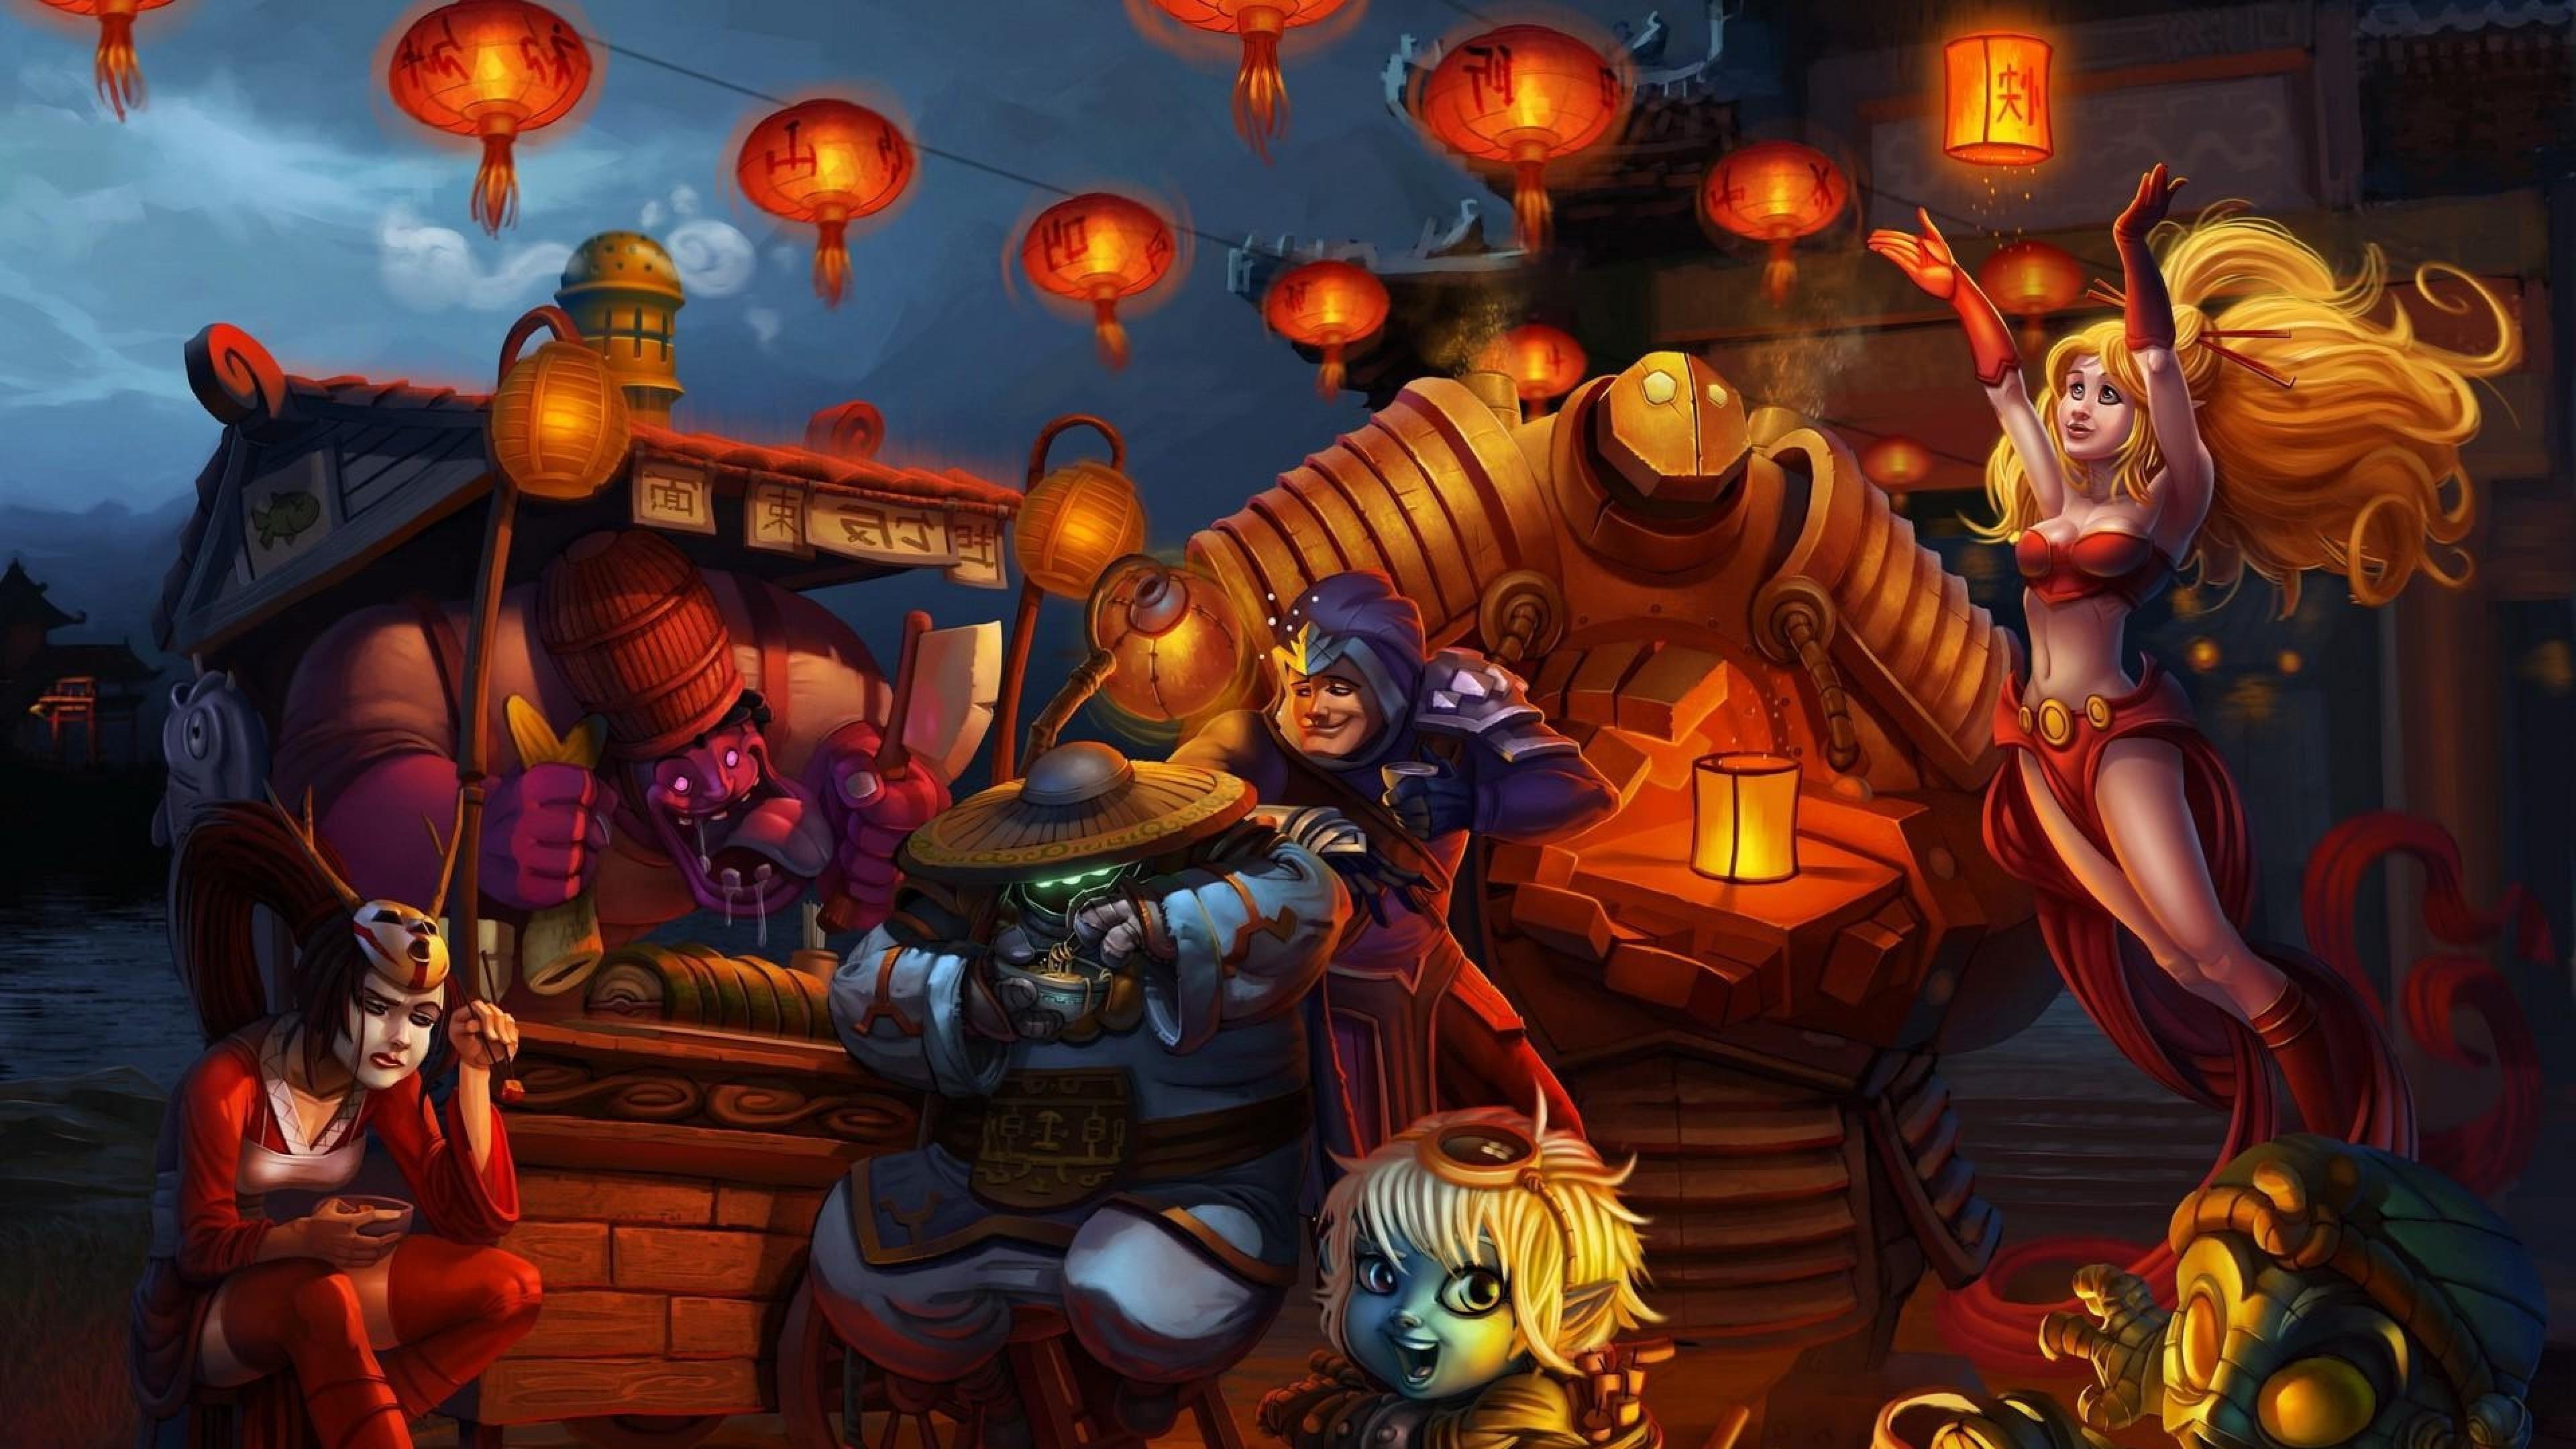 Blitzcrank League Of Legends Hd Wallpaper: Dr Mundo Wallpaper (78+ Images